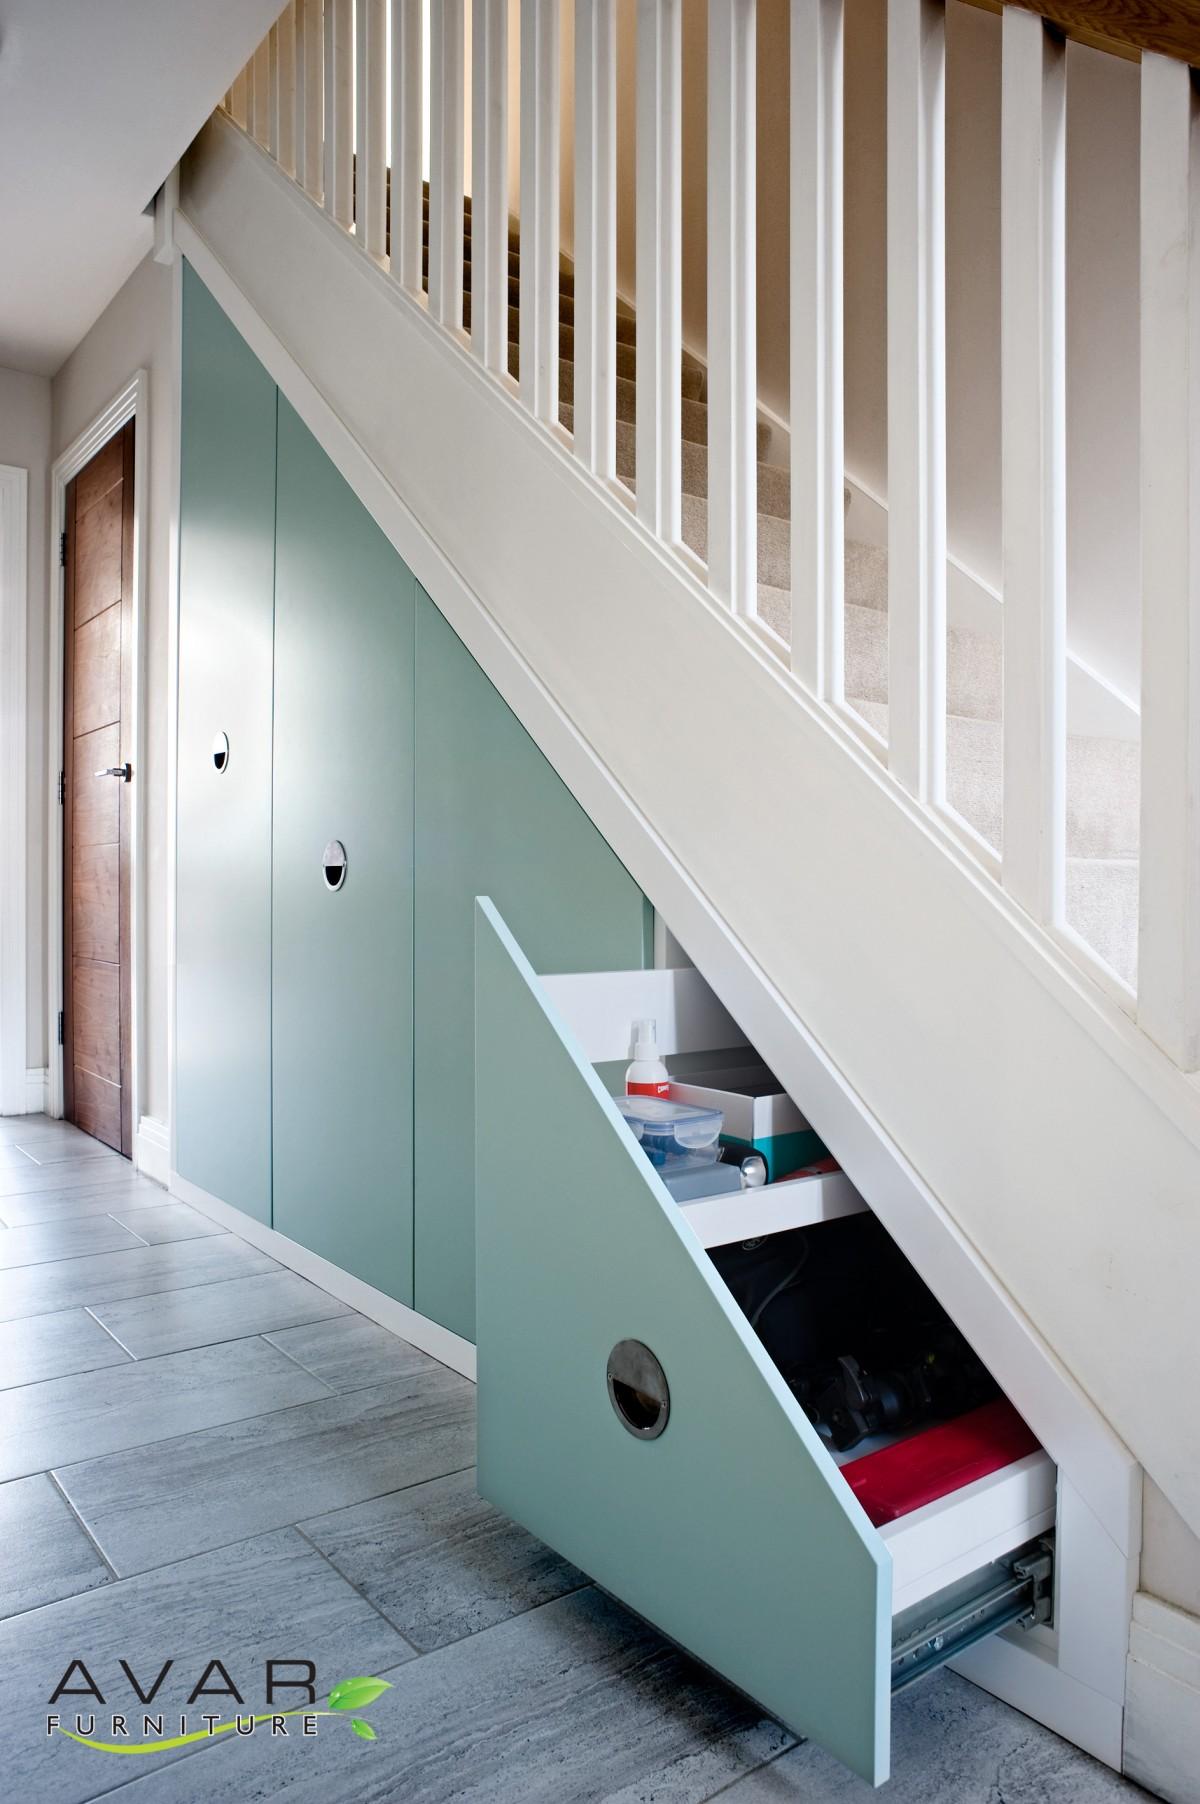 ƸӜƷ Under Stairs Storage Ideas Gallery 19 North London